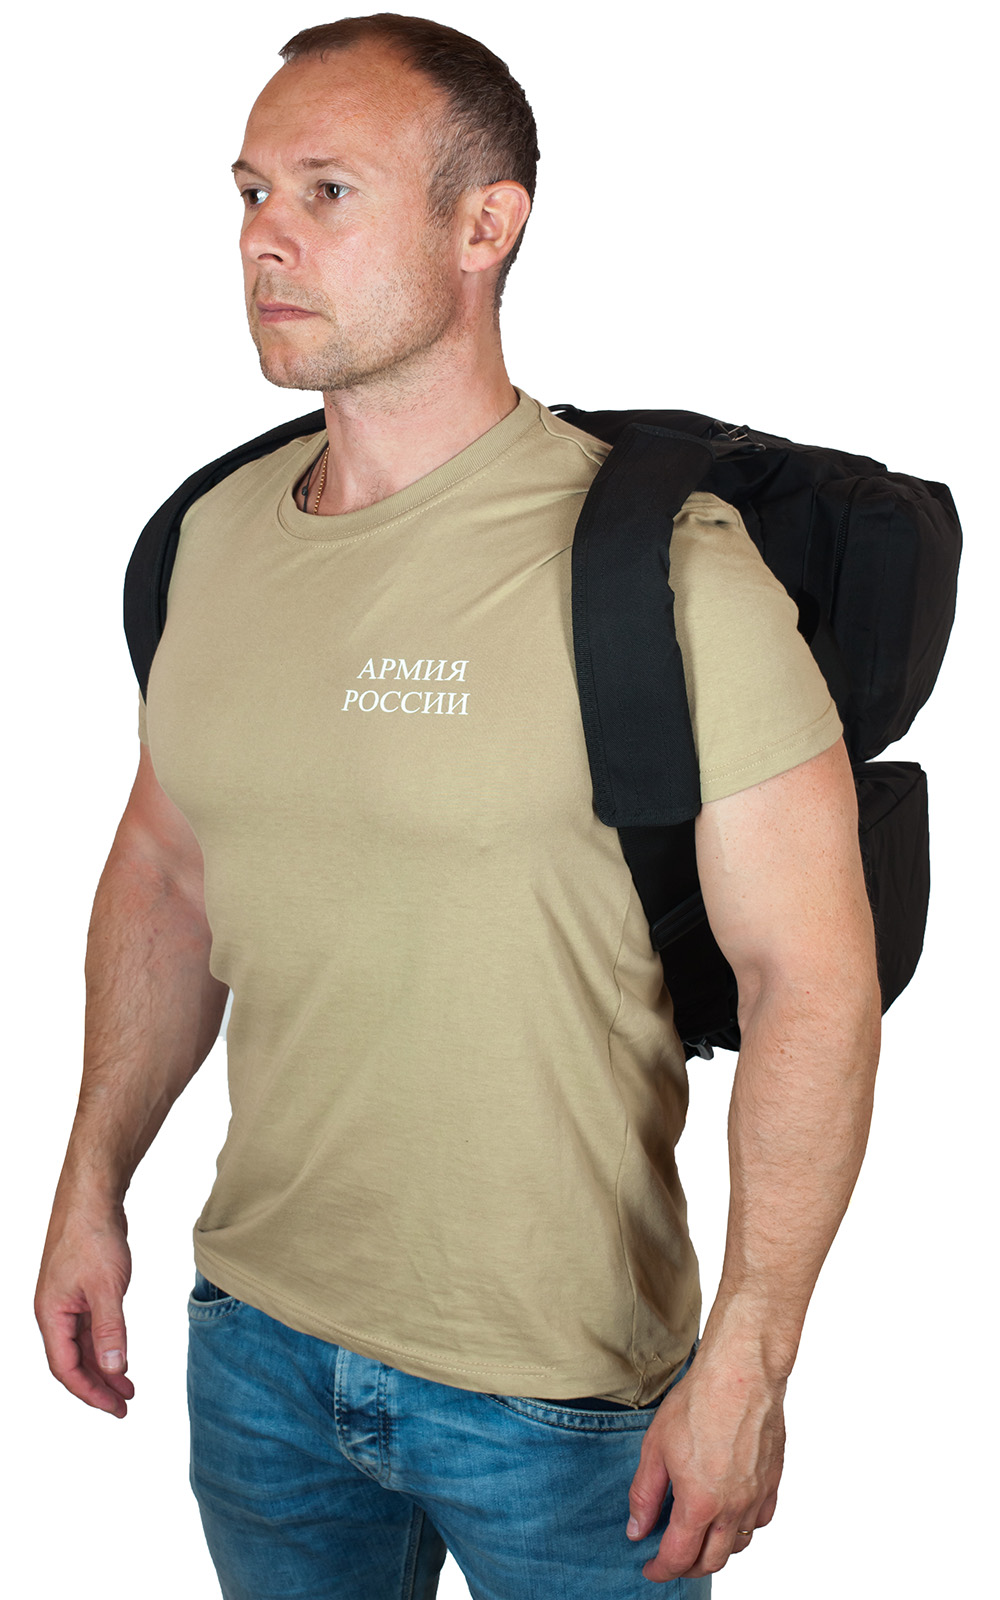 Черная дорожная сумка-рюкзак Эх, хвост, чешуя - купить онлайн